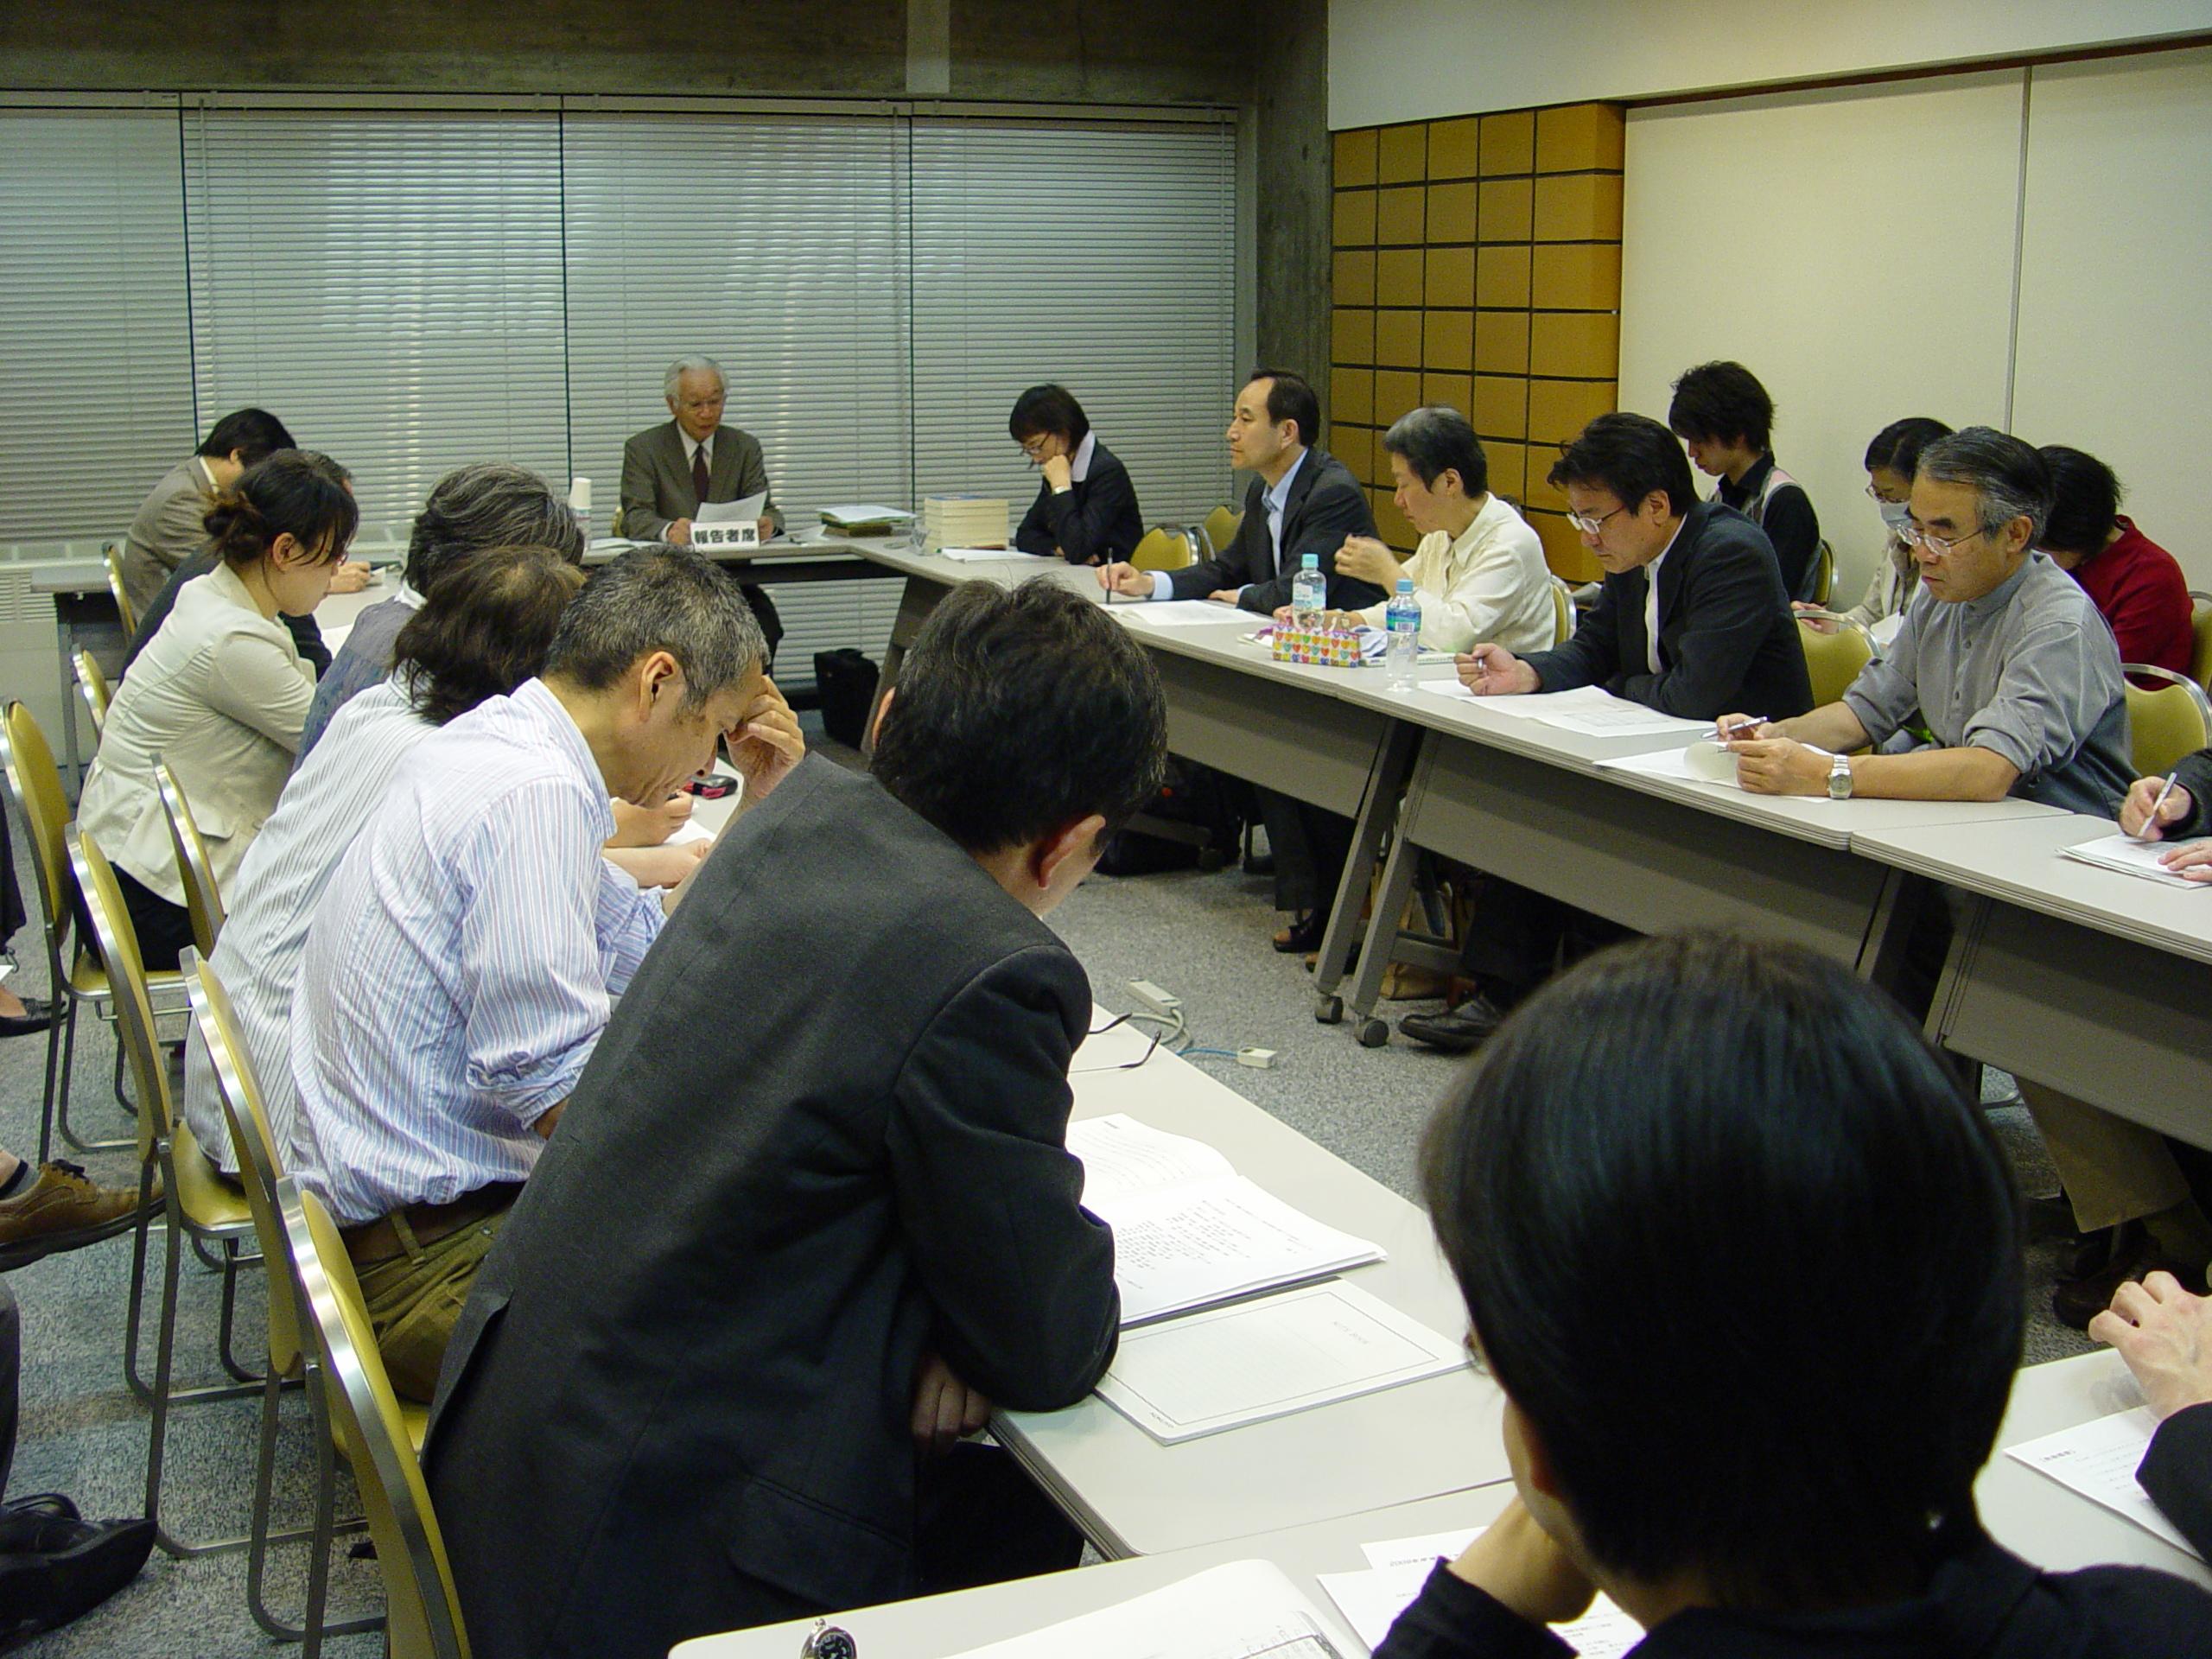 09higashi2-2.jpg